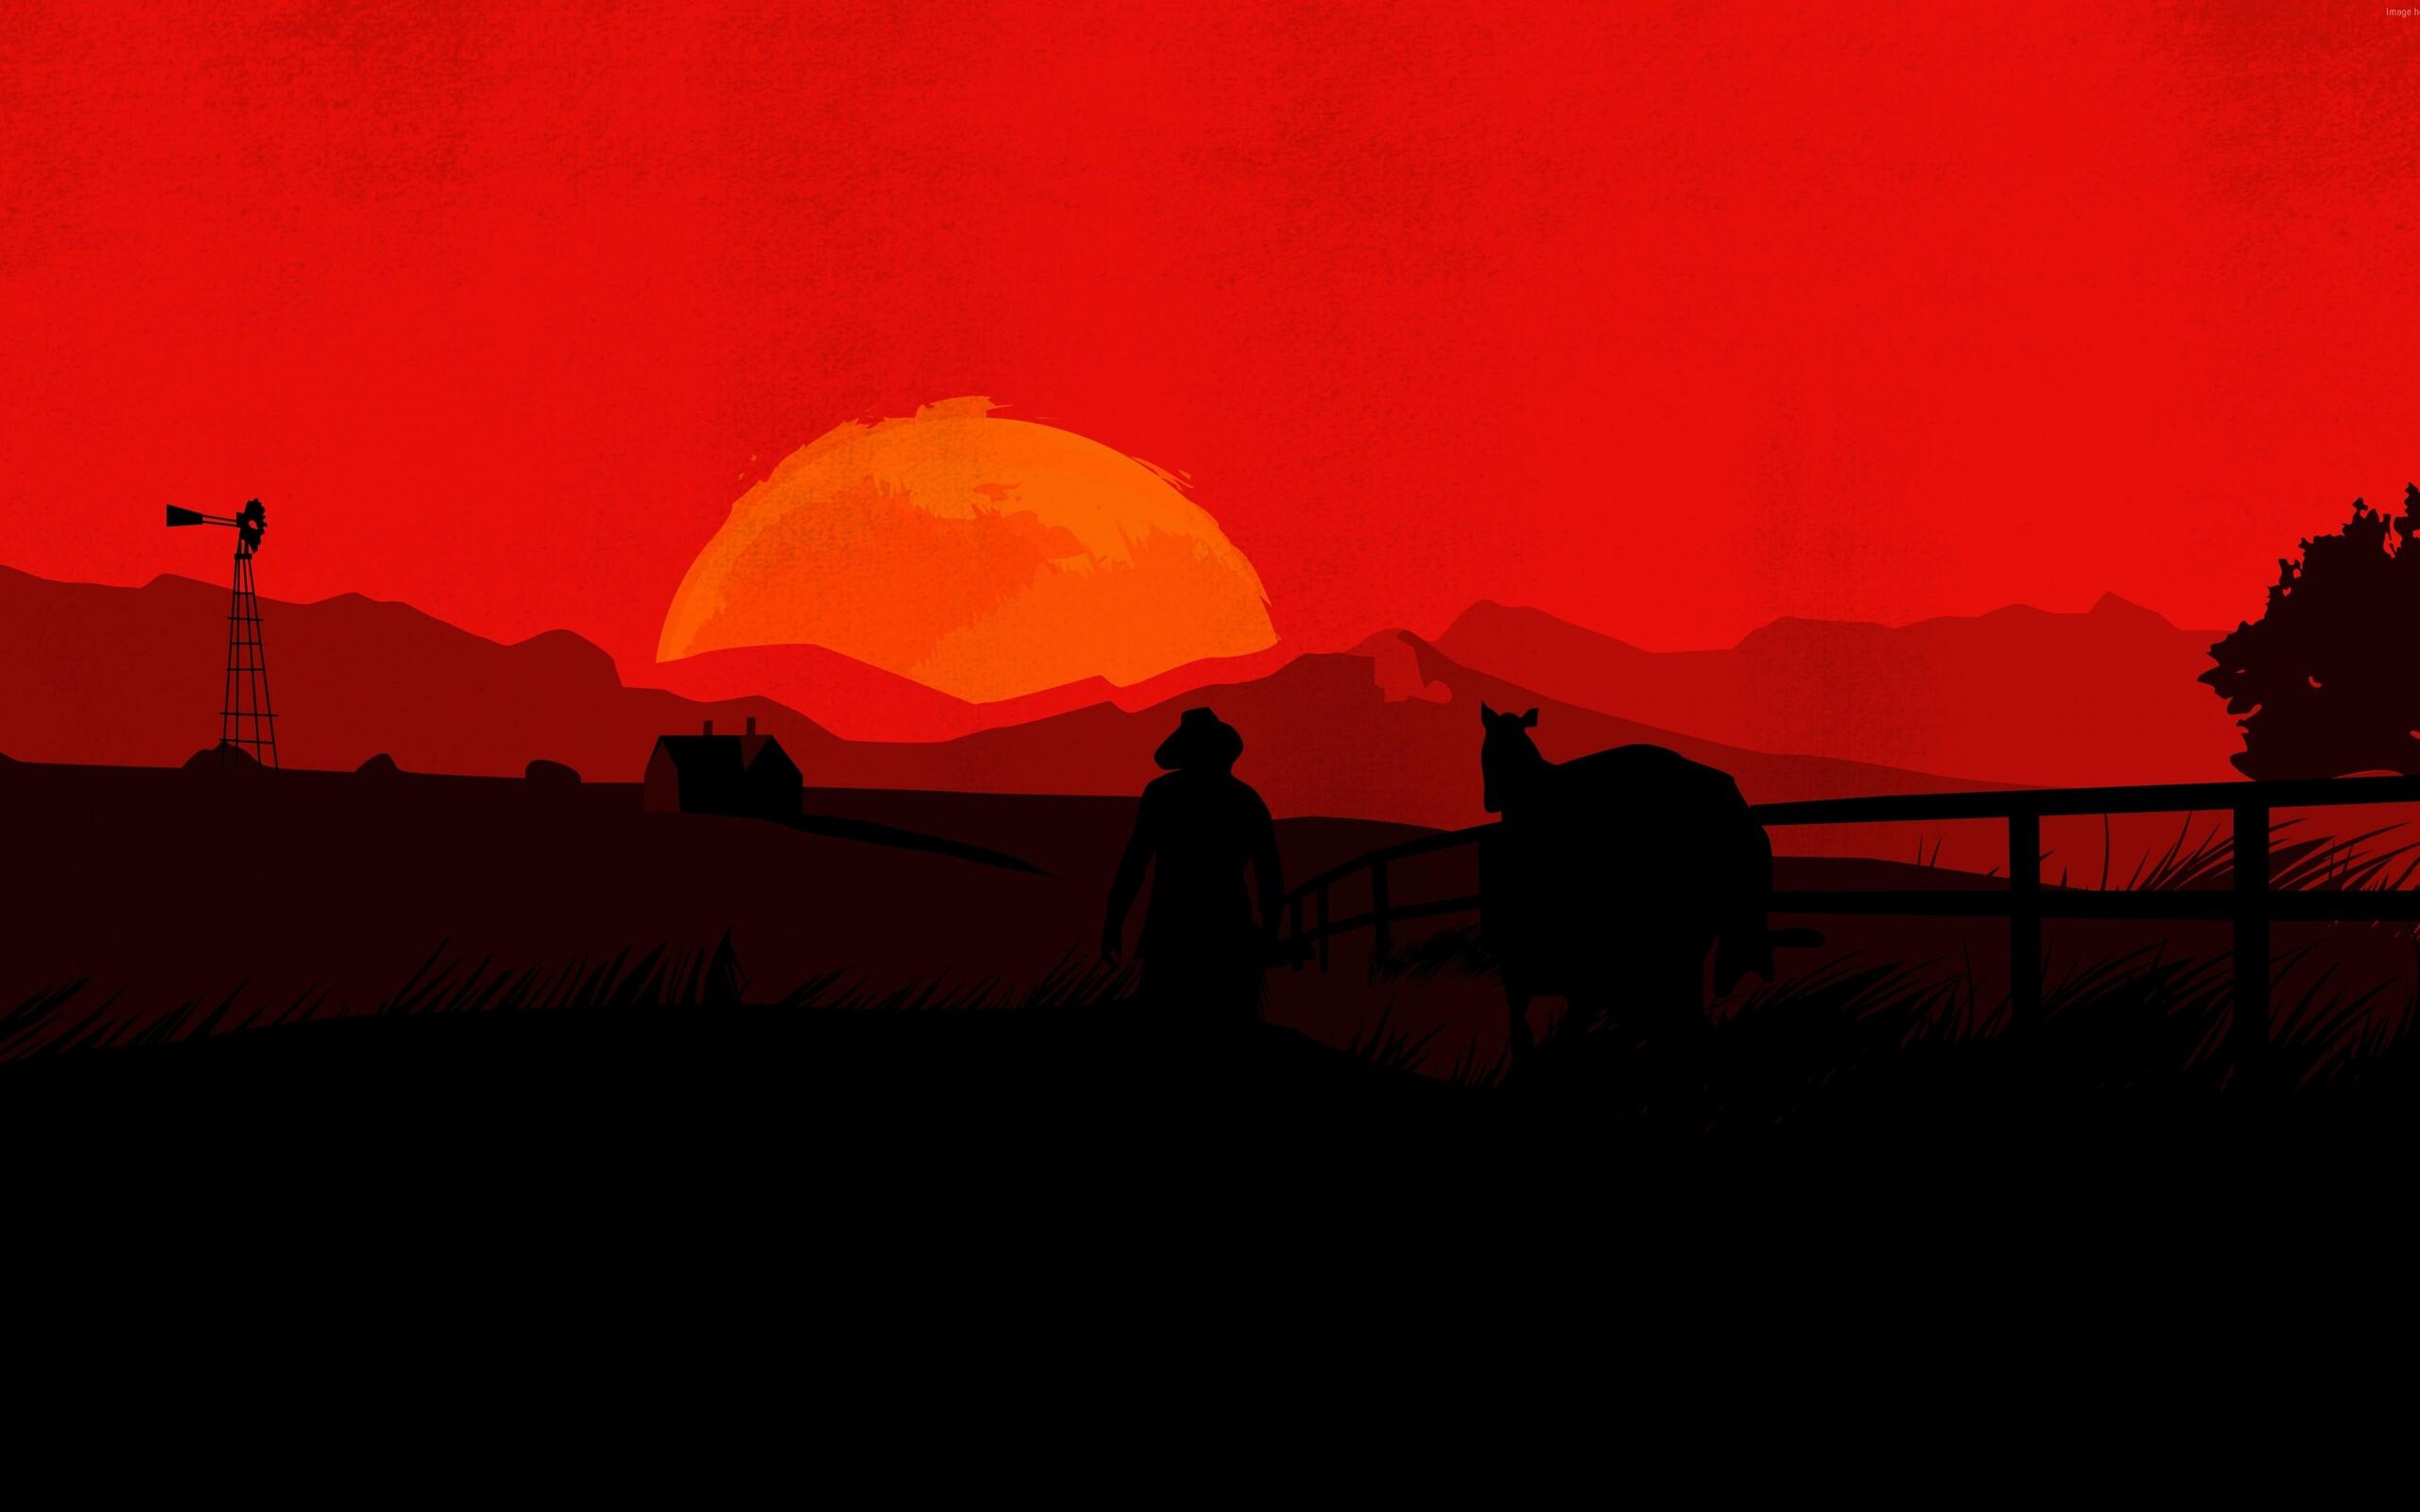 2560x1600 Red Dead Redemption 2 Minimal 4k 2560x1600 Resolution Hd